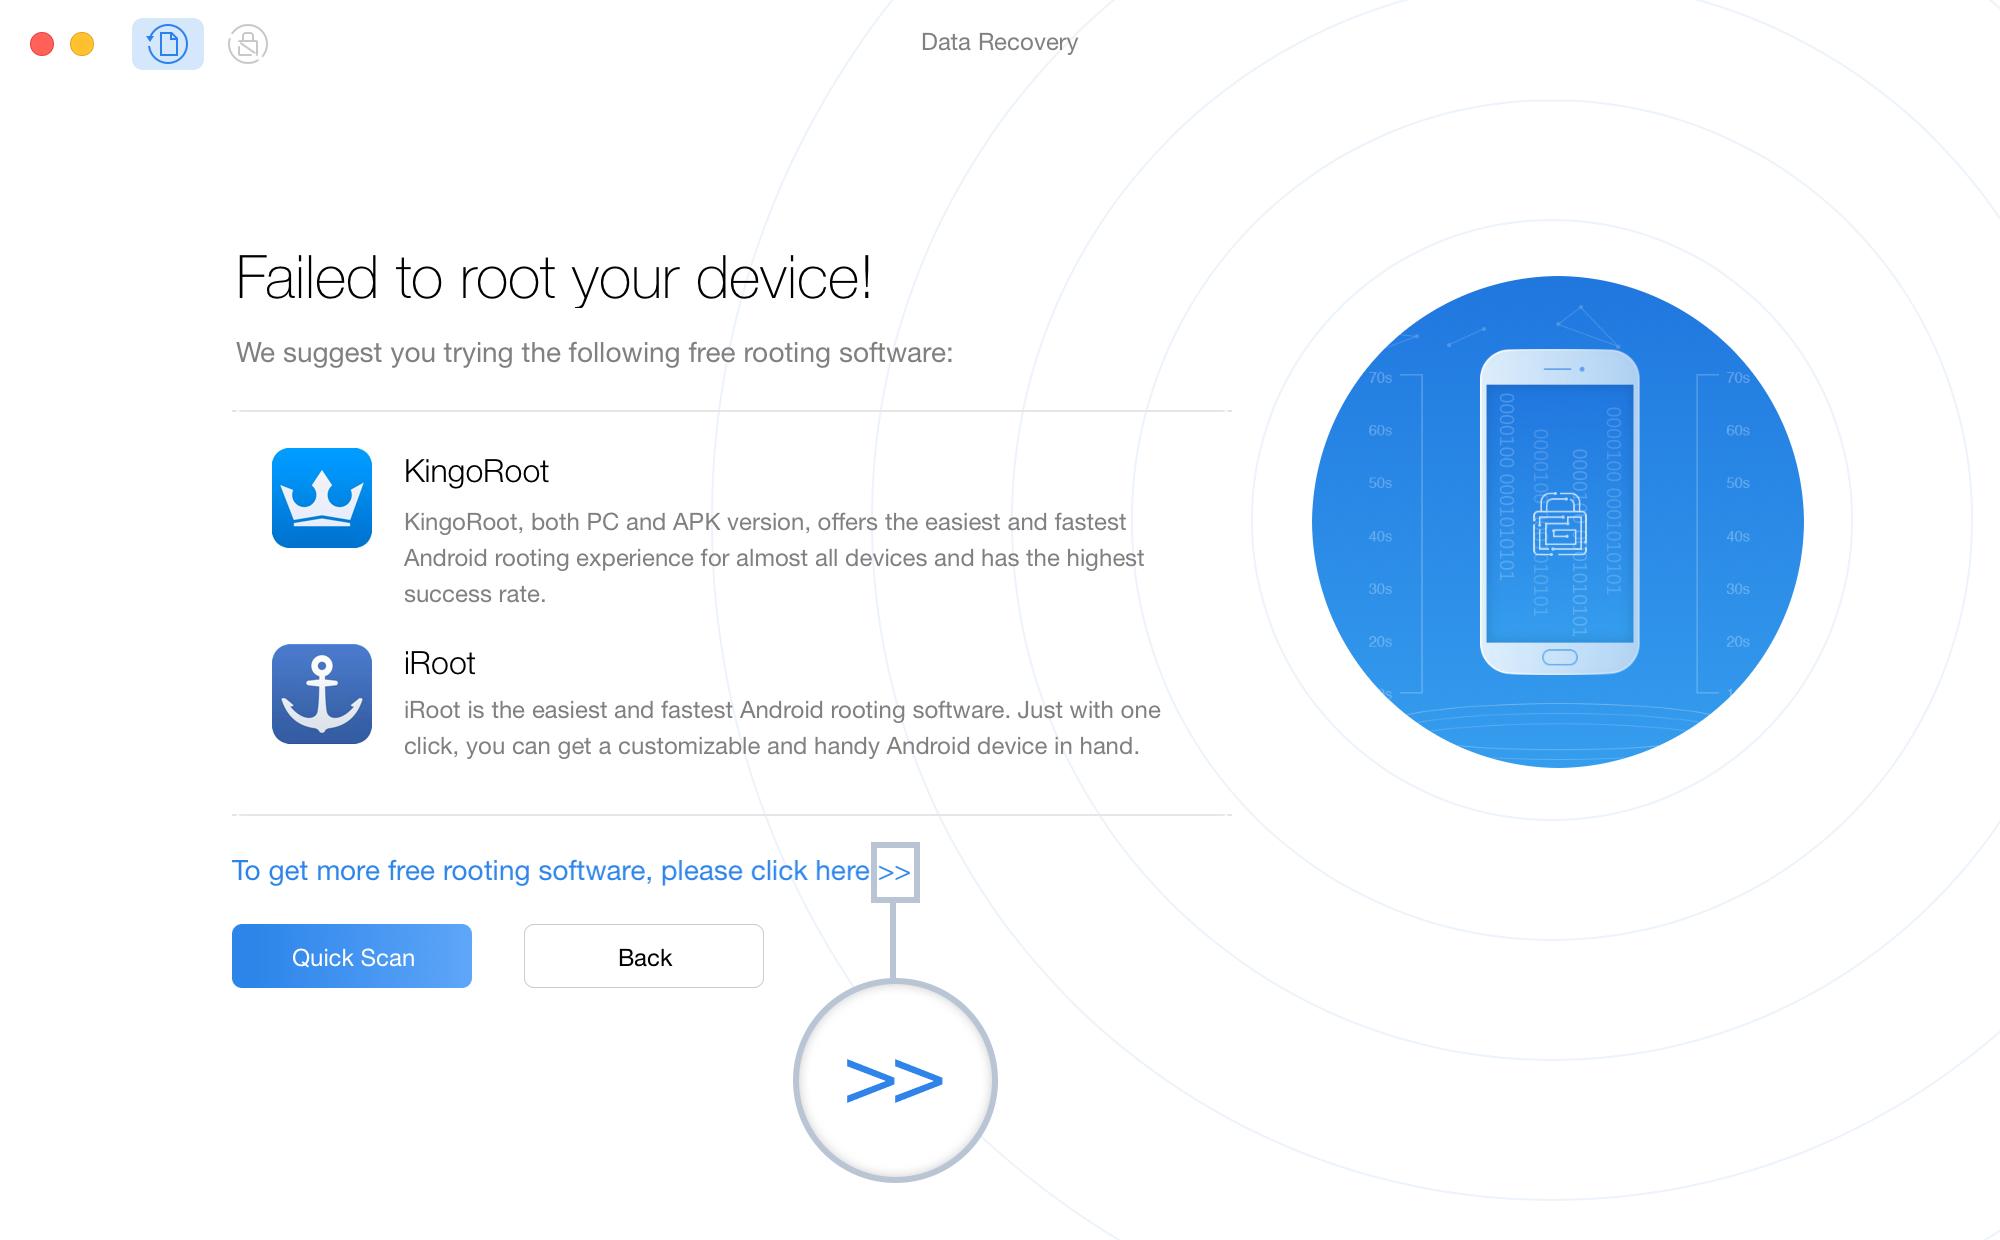 Teil 2. Vorsichtsmaßnahmen vor dem Rooten Ihres Android